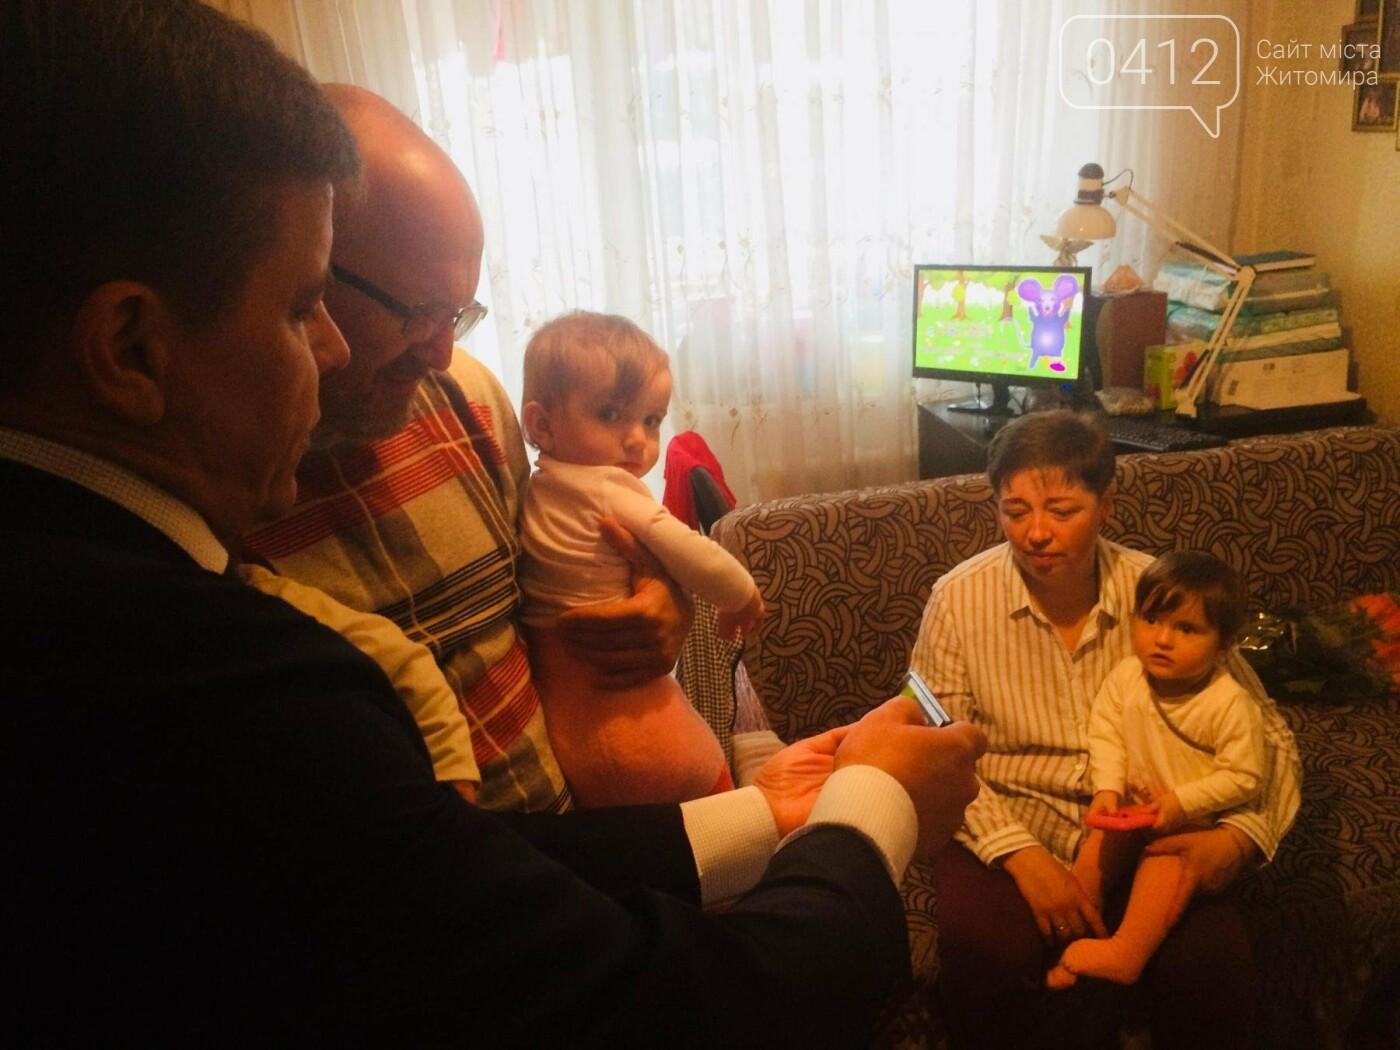 У Житомирі депутати виділили кошти на ремонт квартири для родини загиблого «кіборга», фото-1